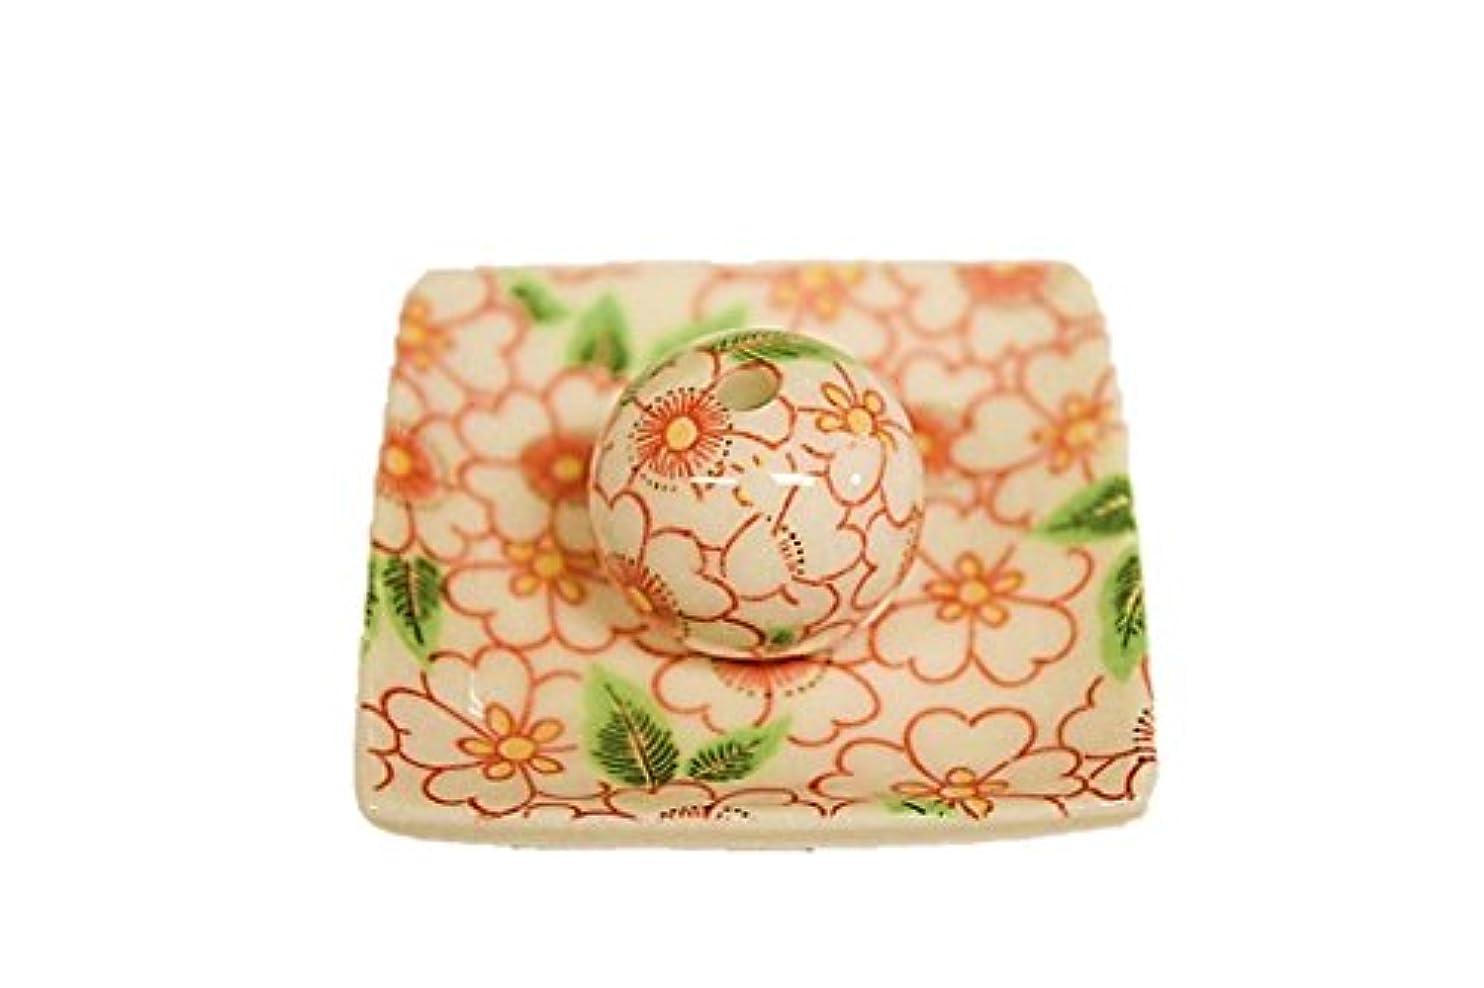 ヶ月目交響曲バスタブ朱華柳 小角皿 日本製 製造 直売 美濃焼 お香立て 印判手 お香たて 陶器